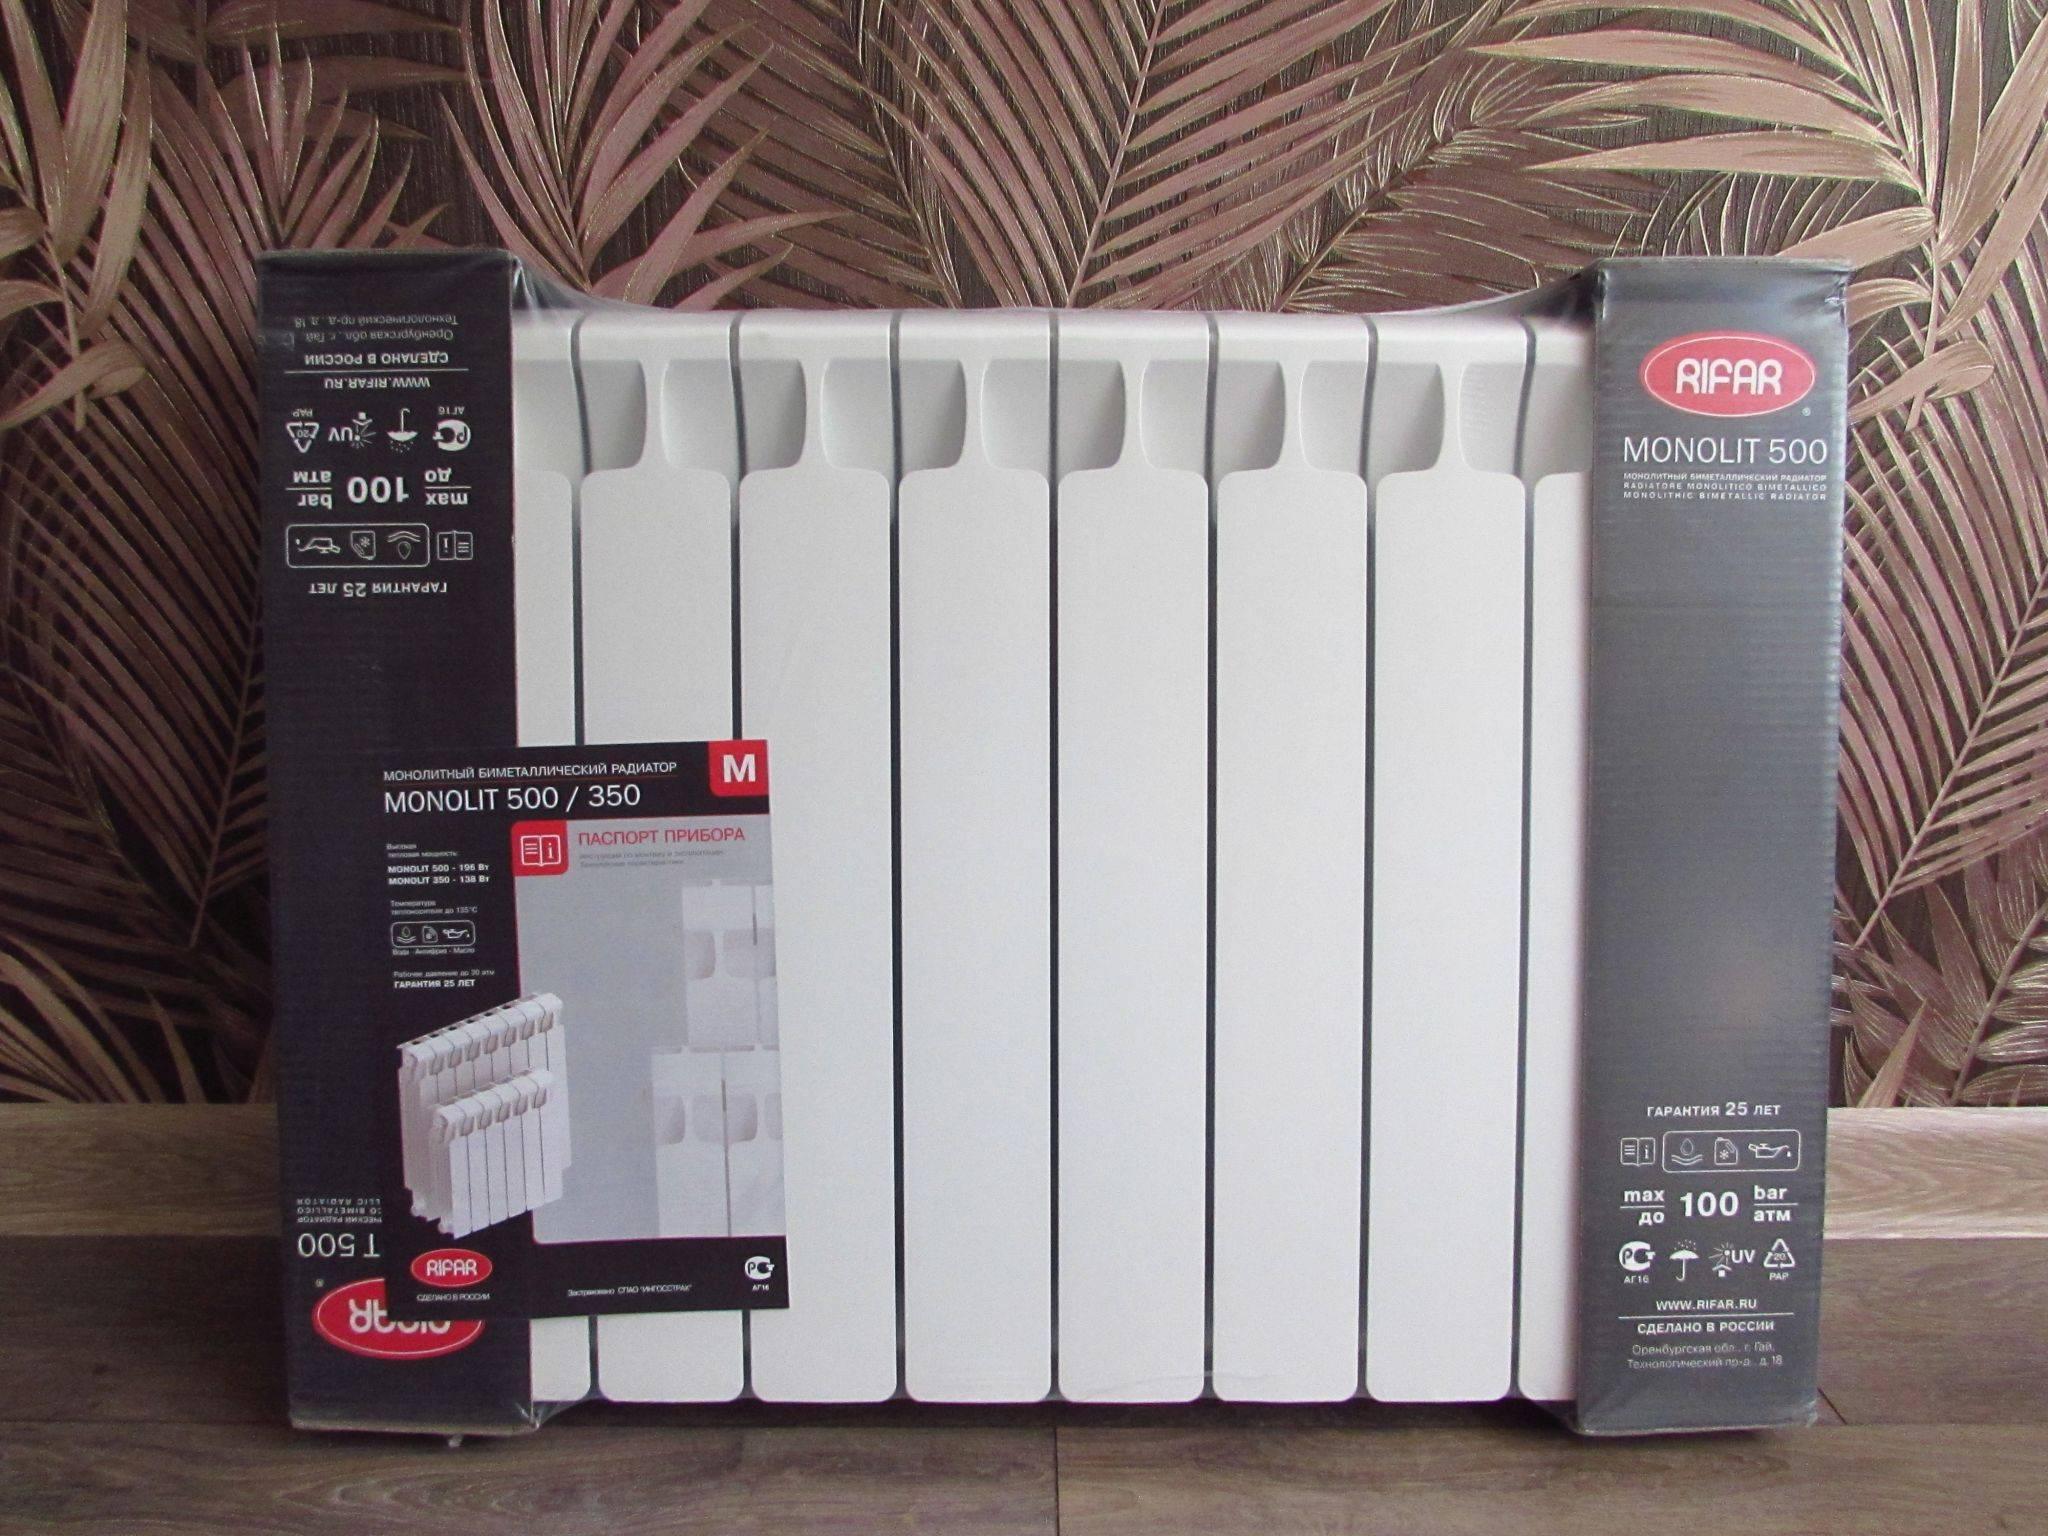 Биметаллические радиаторы отопления рифар монолит 500, 350: описание, особенности и отзывы пользователей